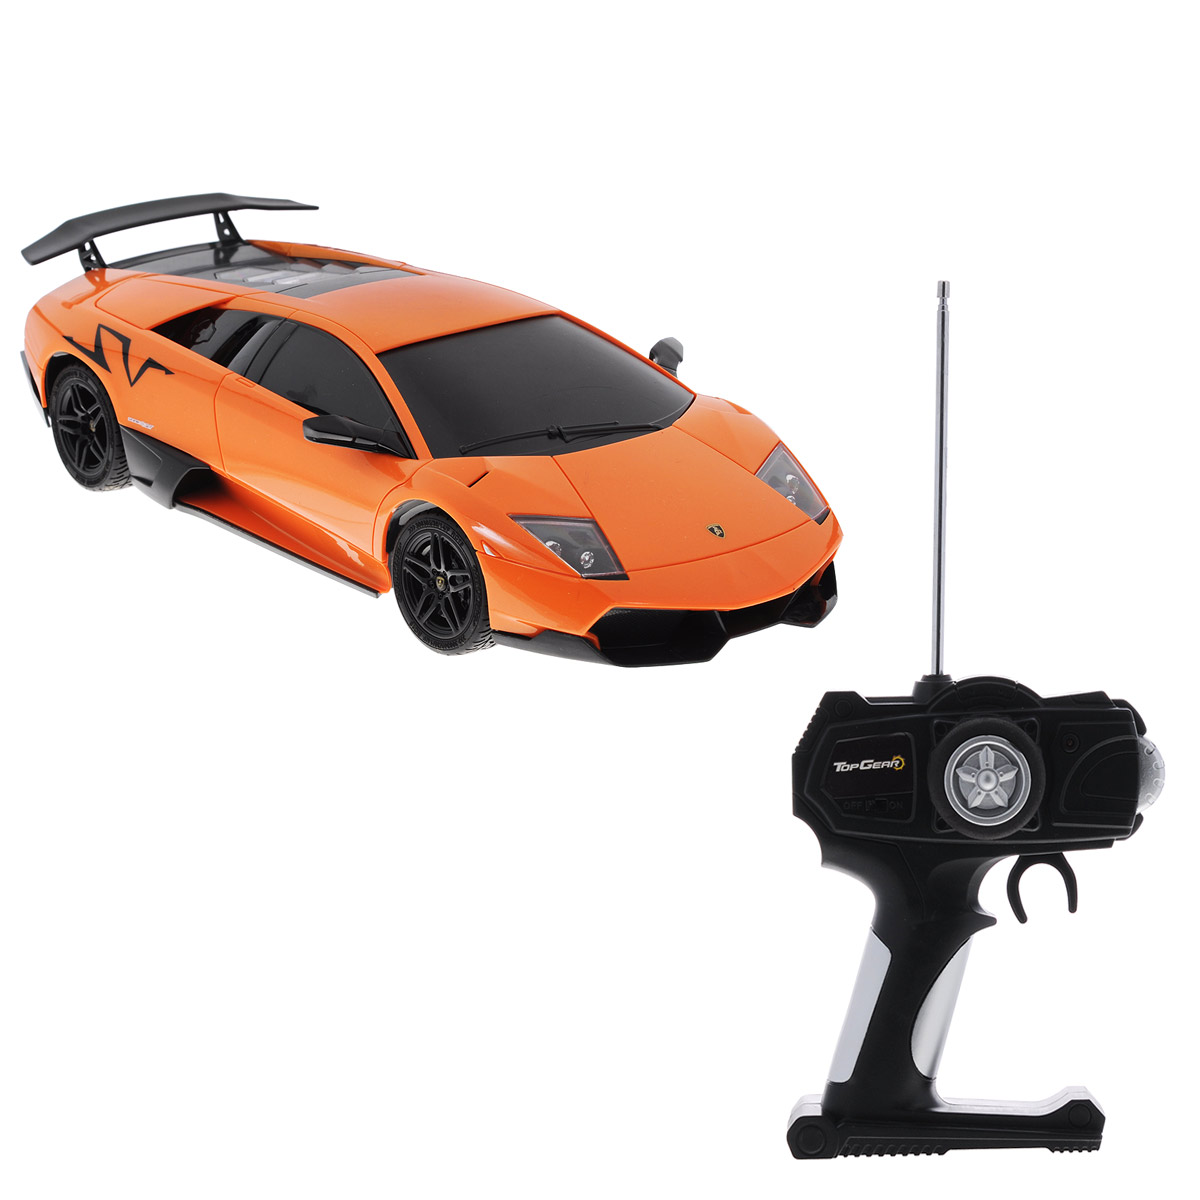 """Все мальчишки любят мощные крутые тачки! Особенно если это дорогие машины известной марки, которые, проезжая по улице, обращают на себя восторженные взгляды пешеходов. Радиоуправляемая модель TopGear """"Lamborghini Murcielago LP 670-4"""" - это детальная копия существующего автомобиля в масштабе 1:18. Машинка изготовлена из прочного легкого пластика; колеса прорезинены. При движении передние и задние фары машины светятся. При помощи пульта управления автомобиль может перемещаться вперед, дает задний ход, поворачивает влево и вправо, останавливается. Встроенные амортизаторы обеспечивают комфортное движение. В комплект входят машинка и пульт управления. Автомобиль отличается потрясающей маневренностью и динамикой. Ваш ребенок часами будет играть с моделью, устраивая захватывающие гонки. Для работы машины необходимо докупить 4 батарейки напряжением 1,5V типа АА (не входят в комплект). Для работы пульта управления необходимо докупить 2 батарейки напряжением..."""